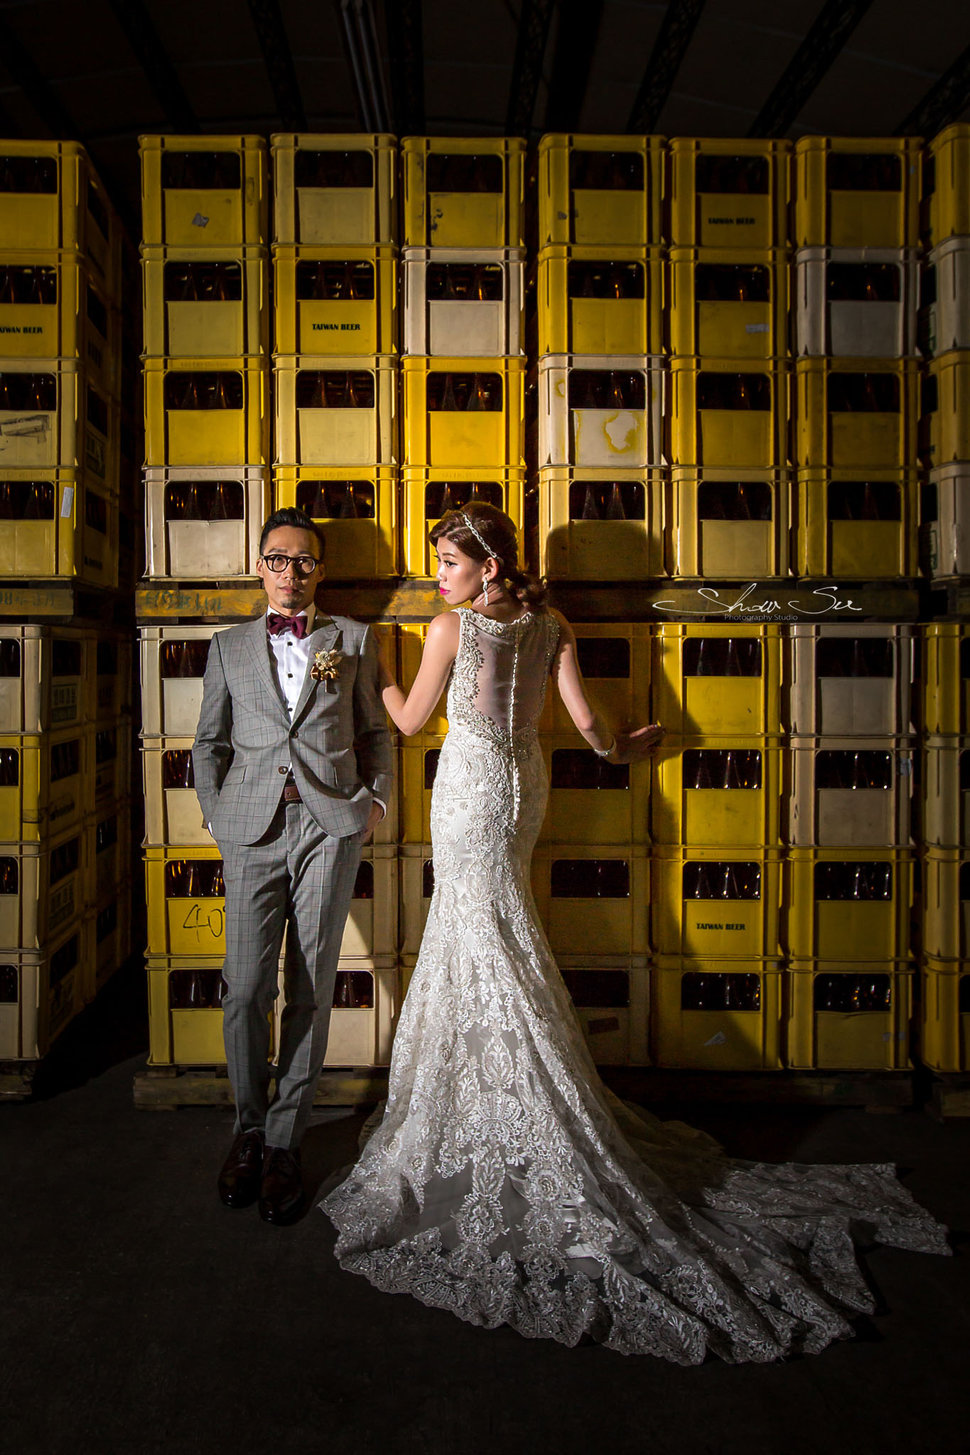 [婚攝] Ian & Claire│台北@1919婚宴廣場│結婚午宴@婚禮紀錄(編號:550304) - Show Su Photography - 結婚吧